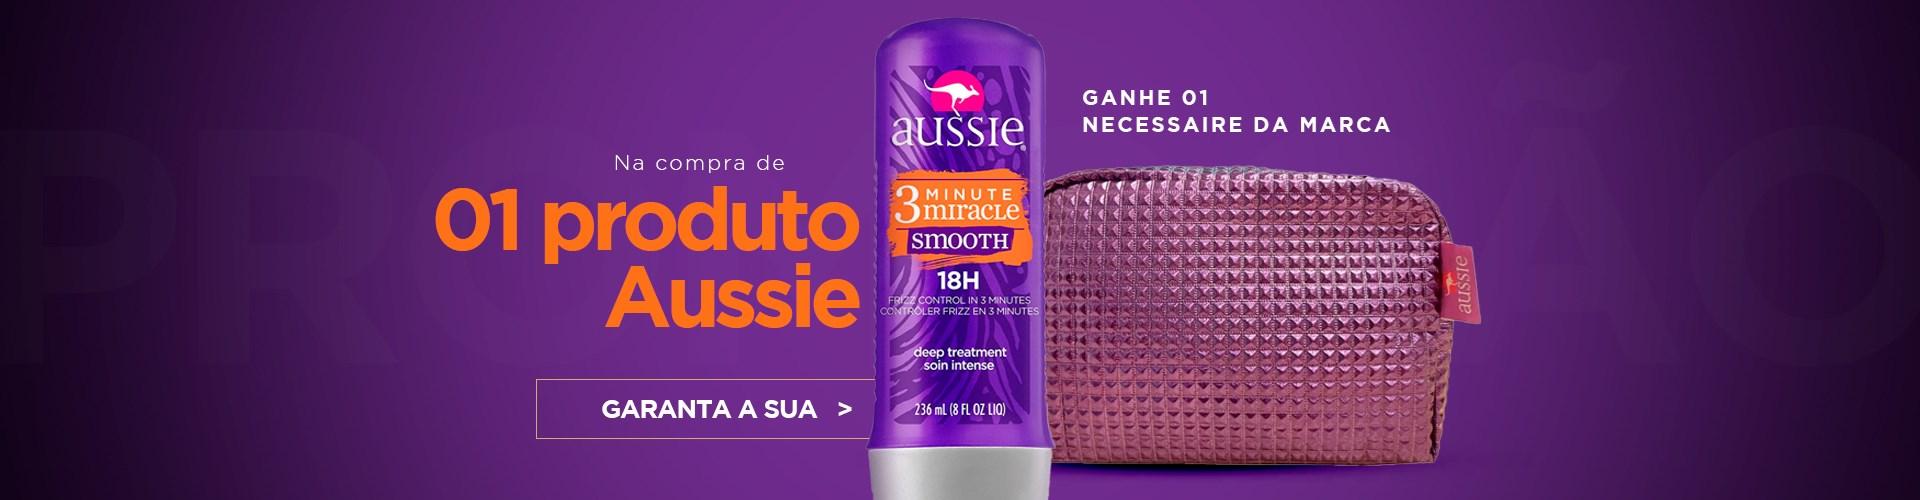 Promoção Aussie